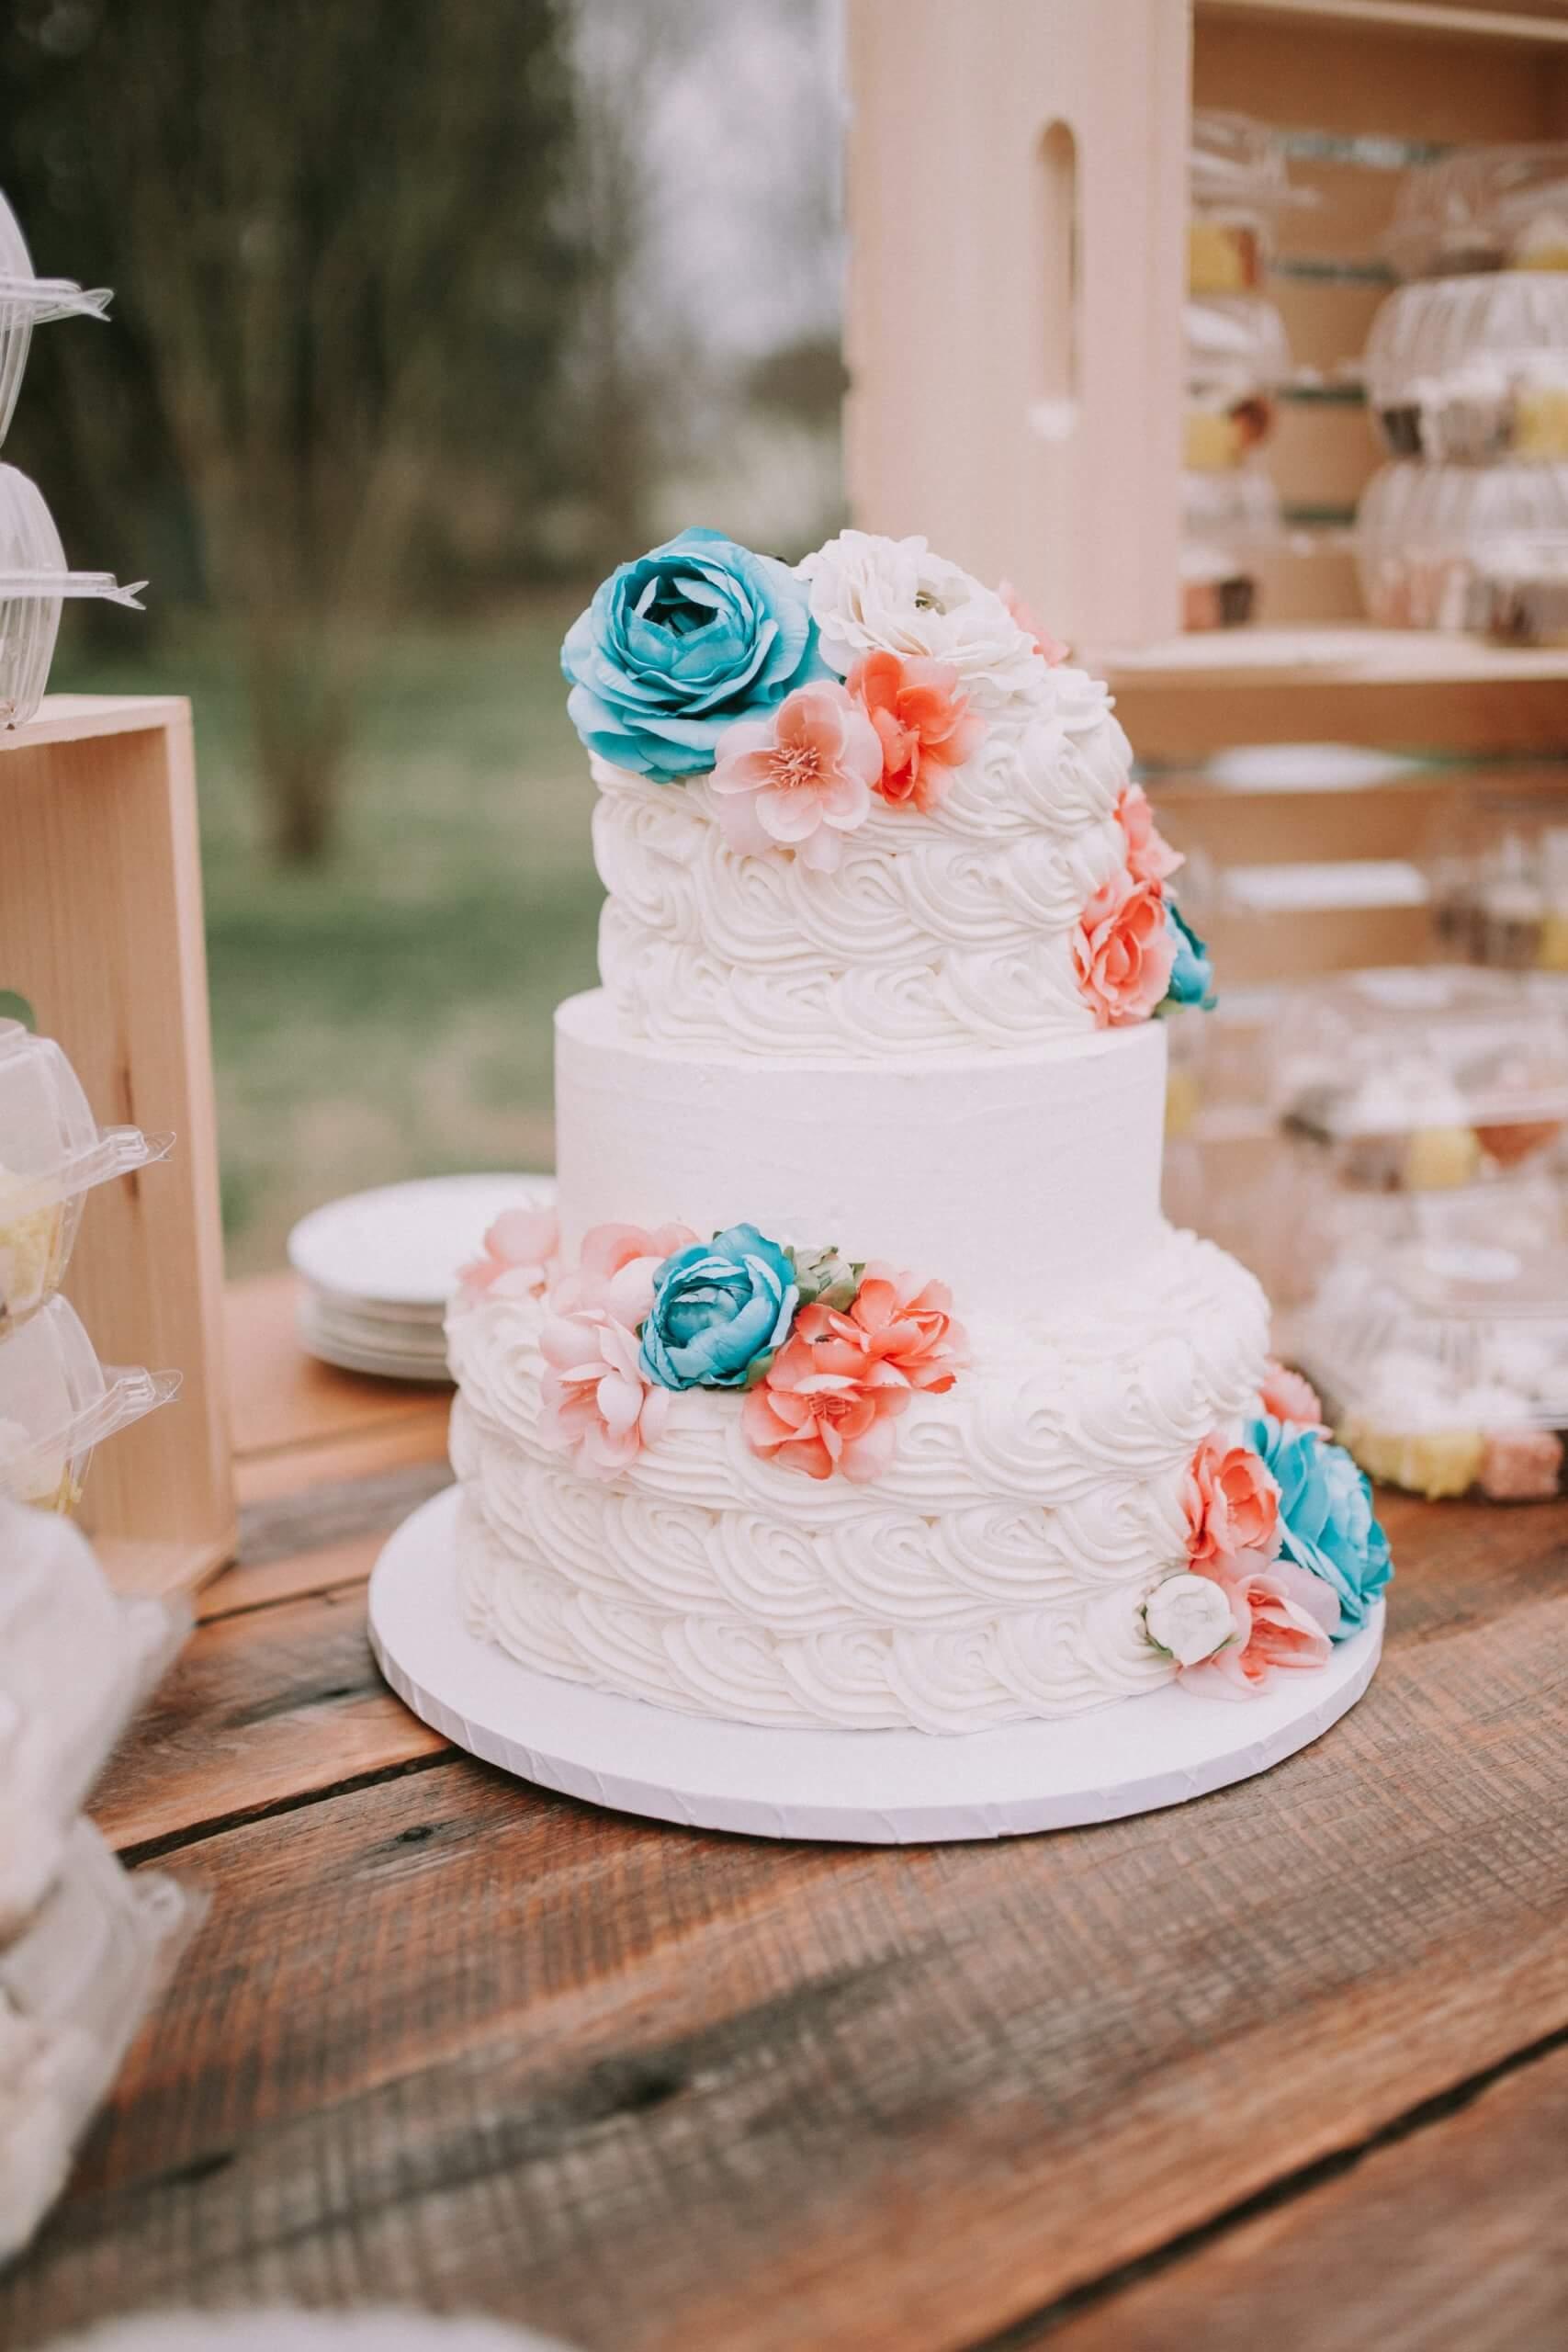 Schöne Hochzeitstorte mit roten und blauen Marzipanrosen. Die Torte steht auf einem Holztisch draußen im freien